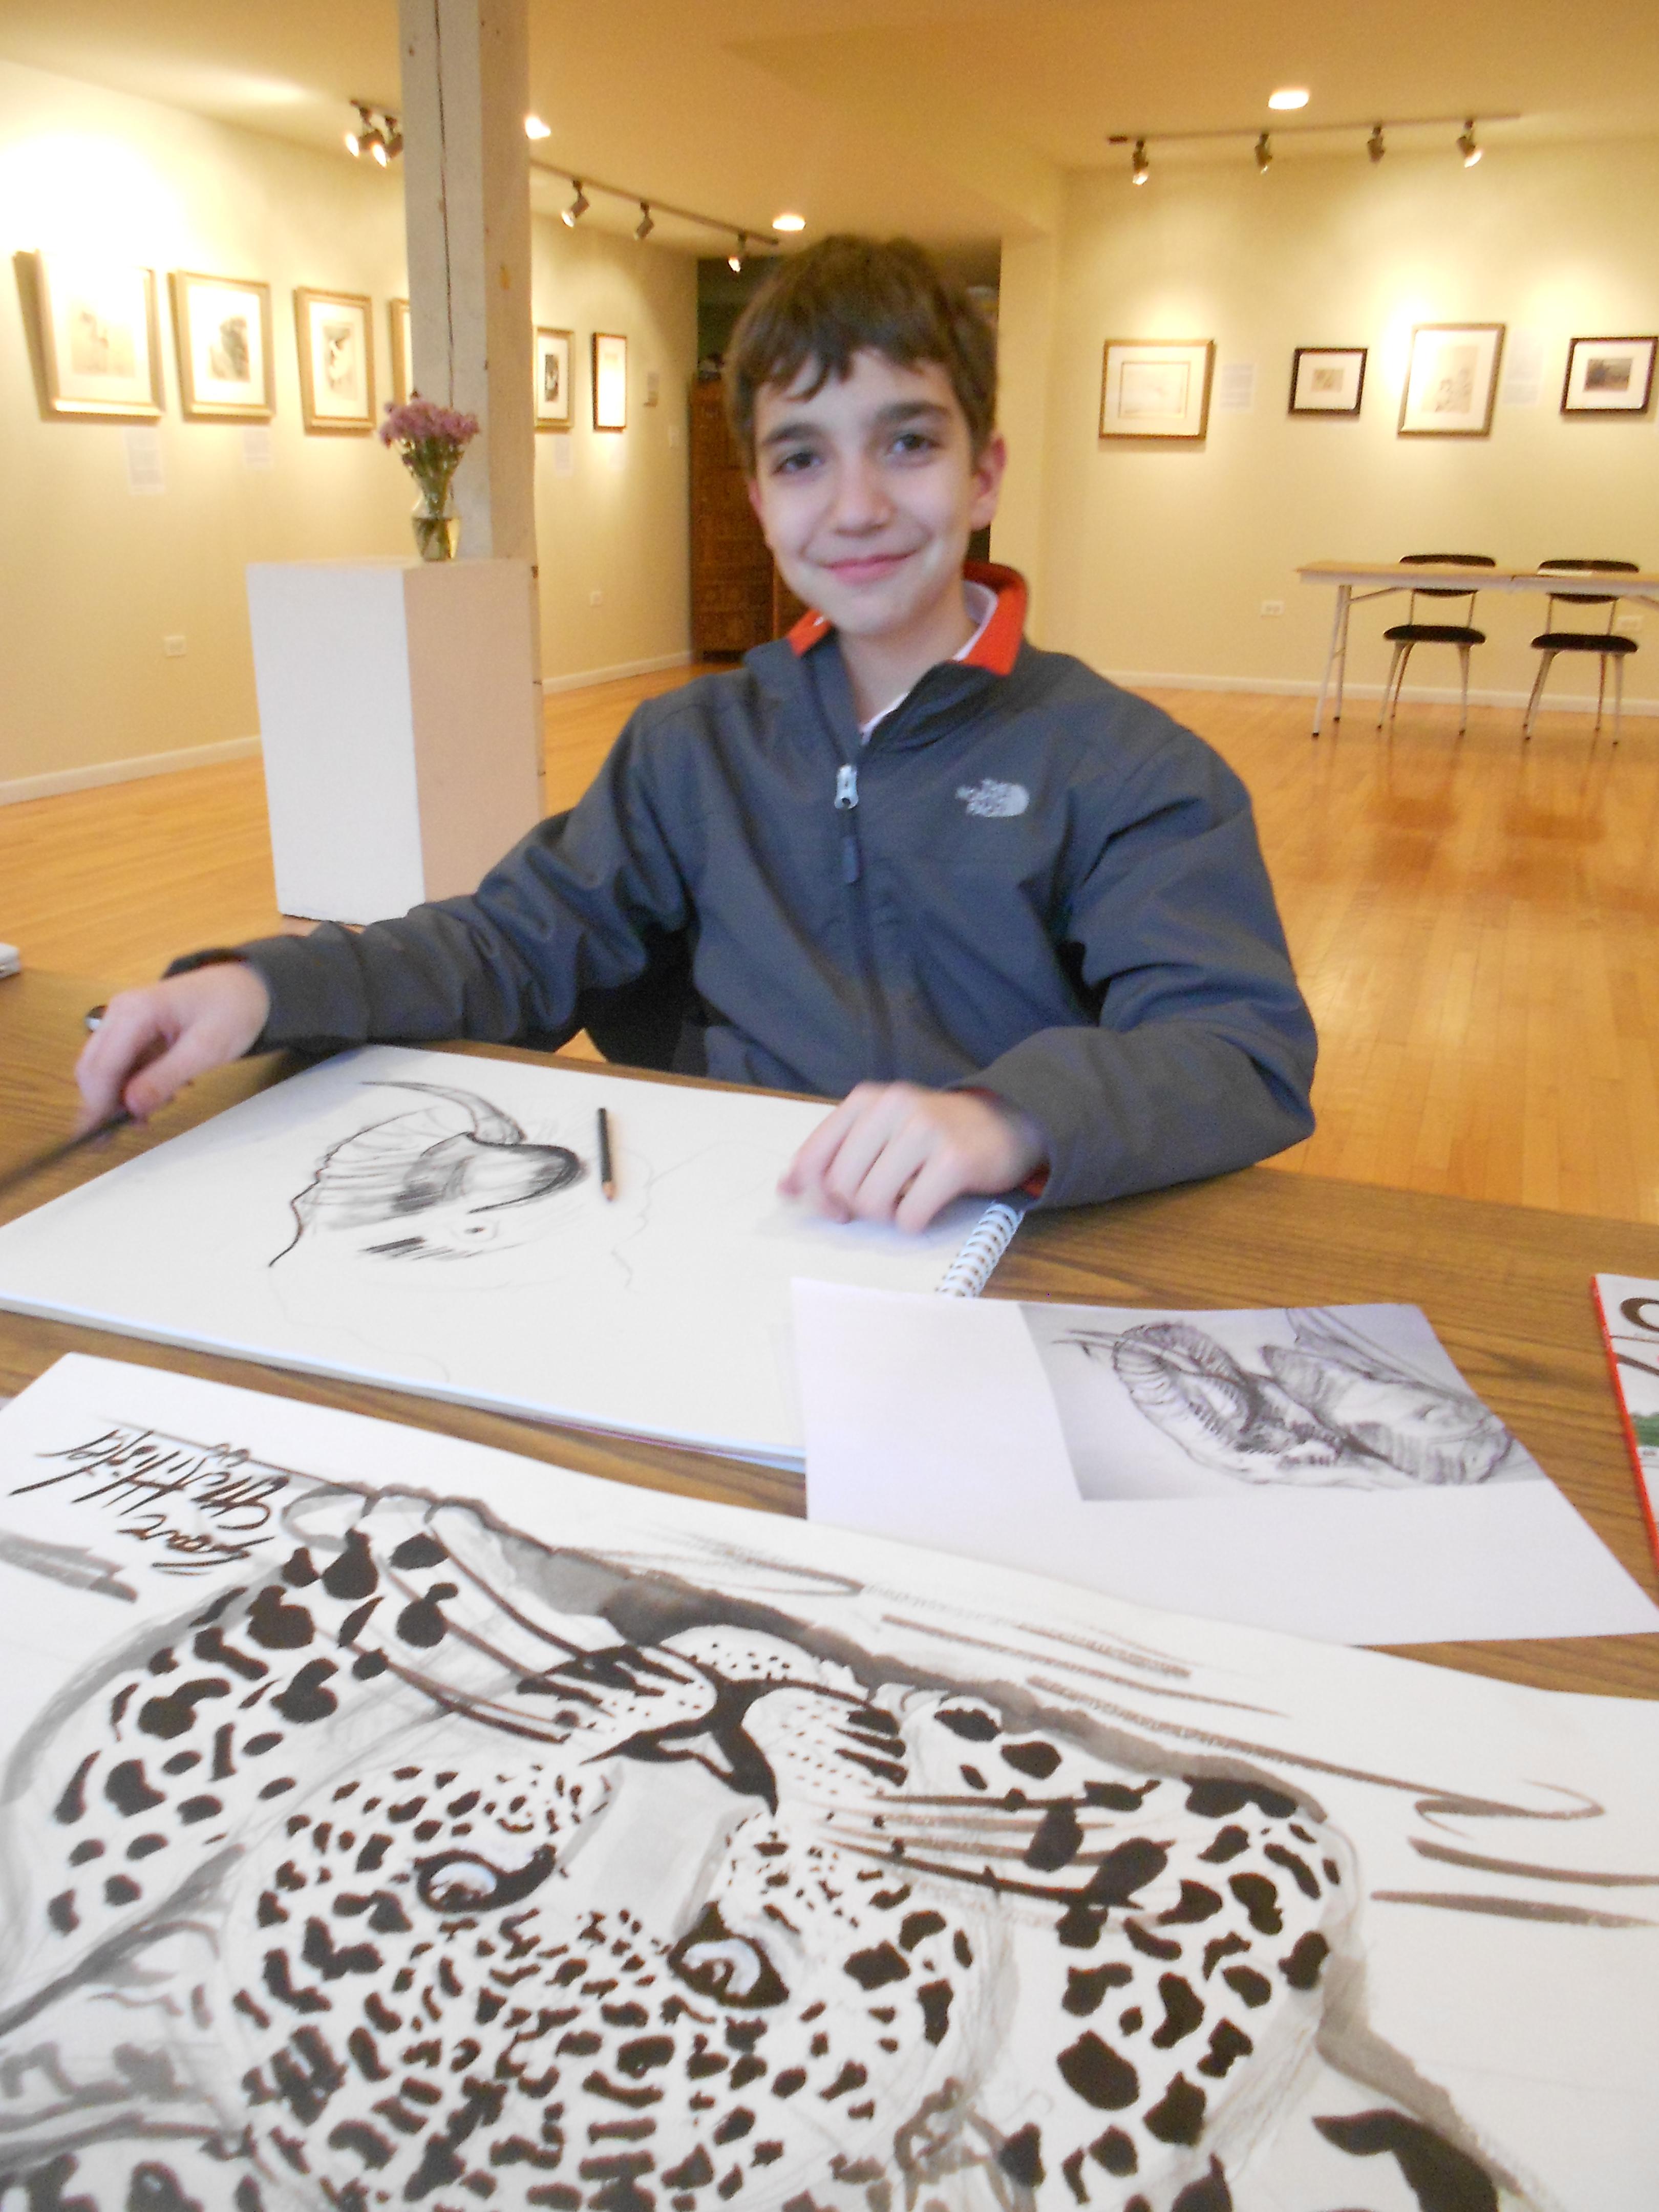 Gavin Drawing